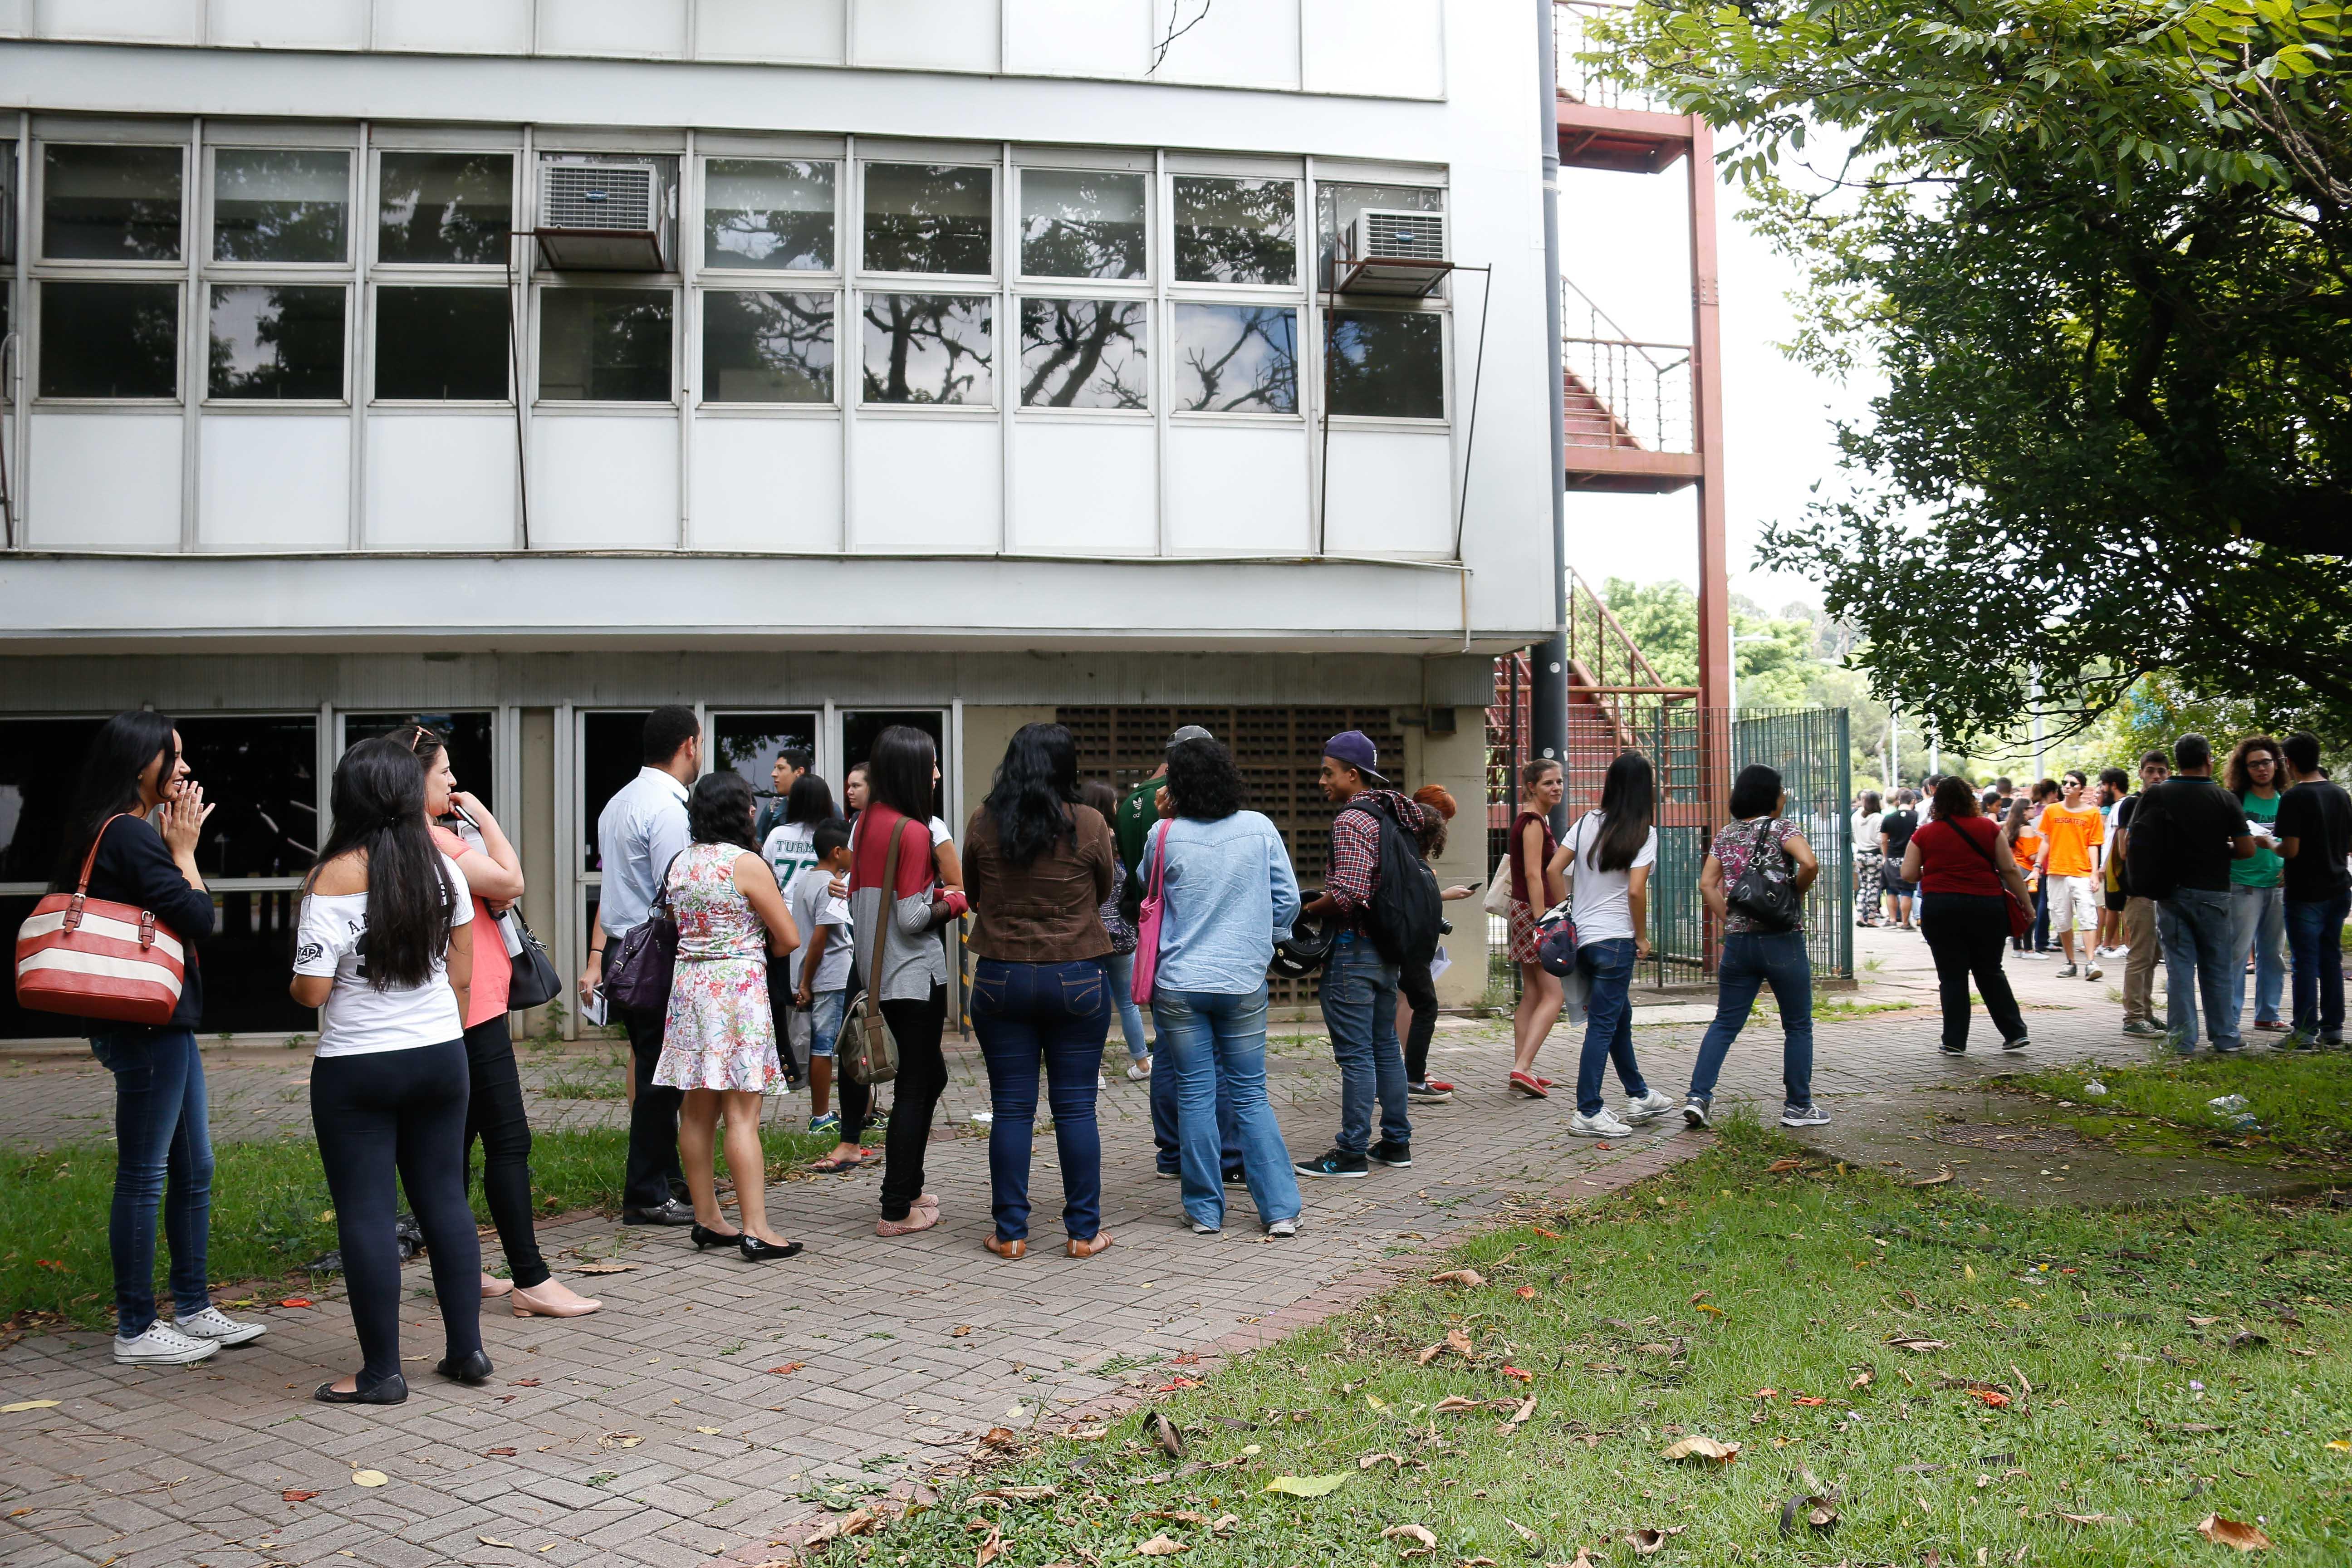 Matrícula dos aprovados para estudar na USP via Sistema de Seleção Unificada (Sisu). foto Cecília Bastos